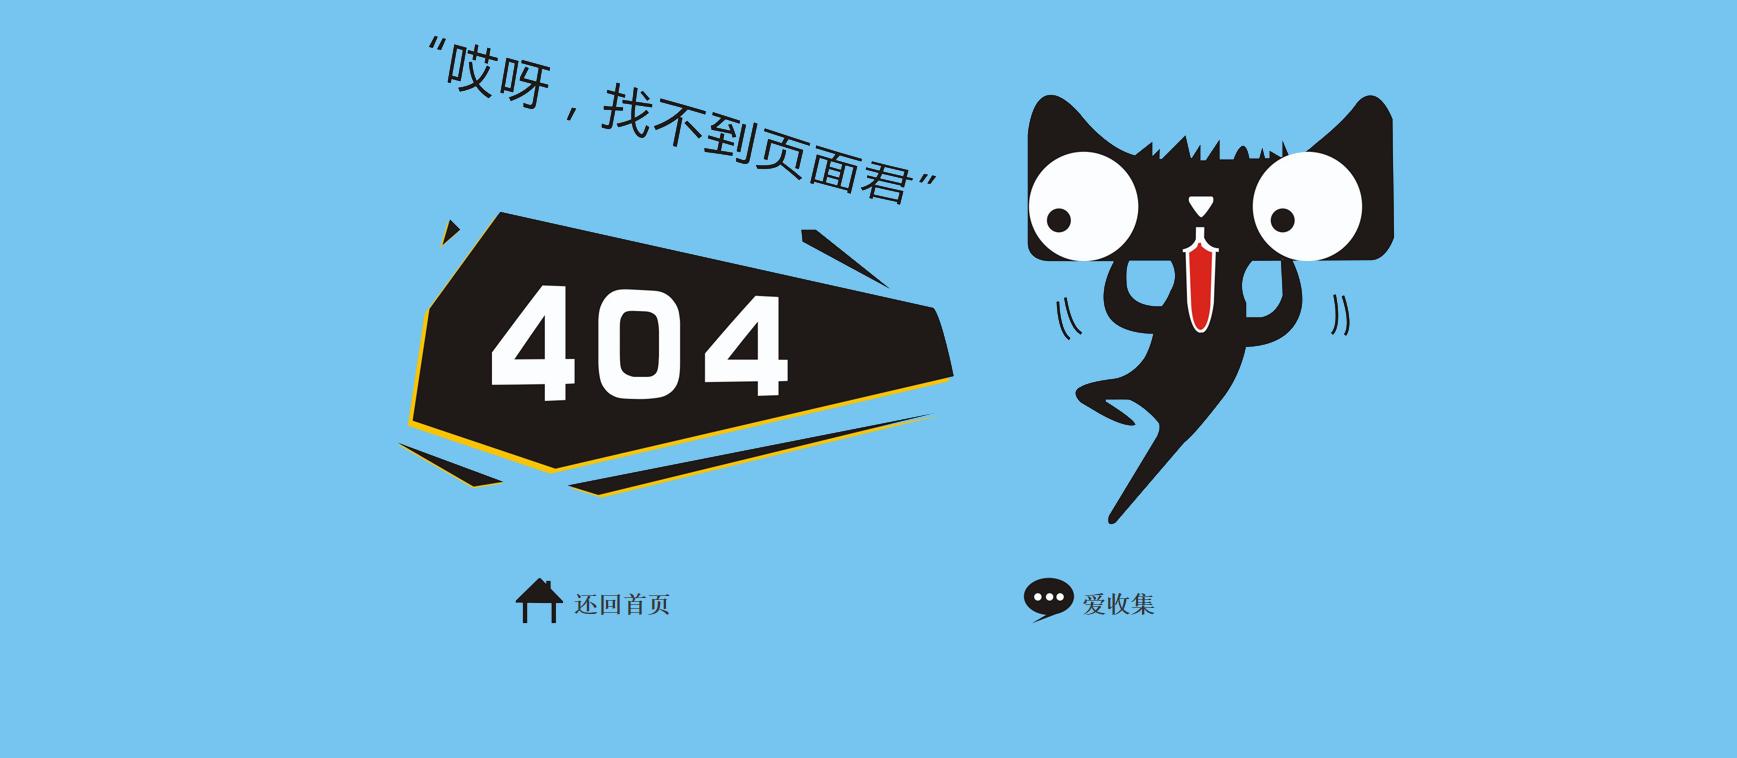 非常好看的天猫404页面源码 简单大气